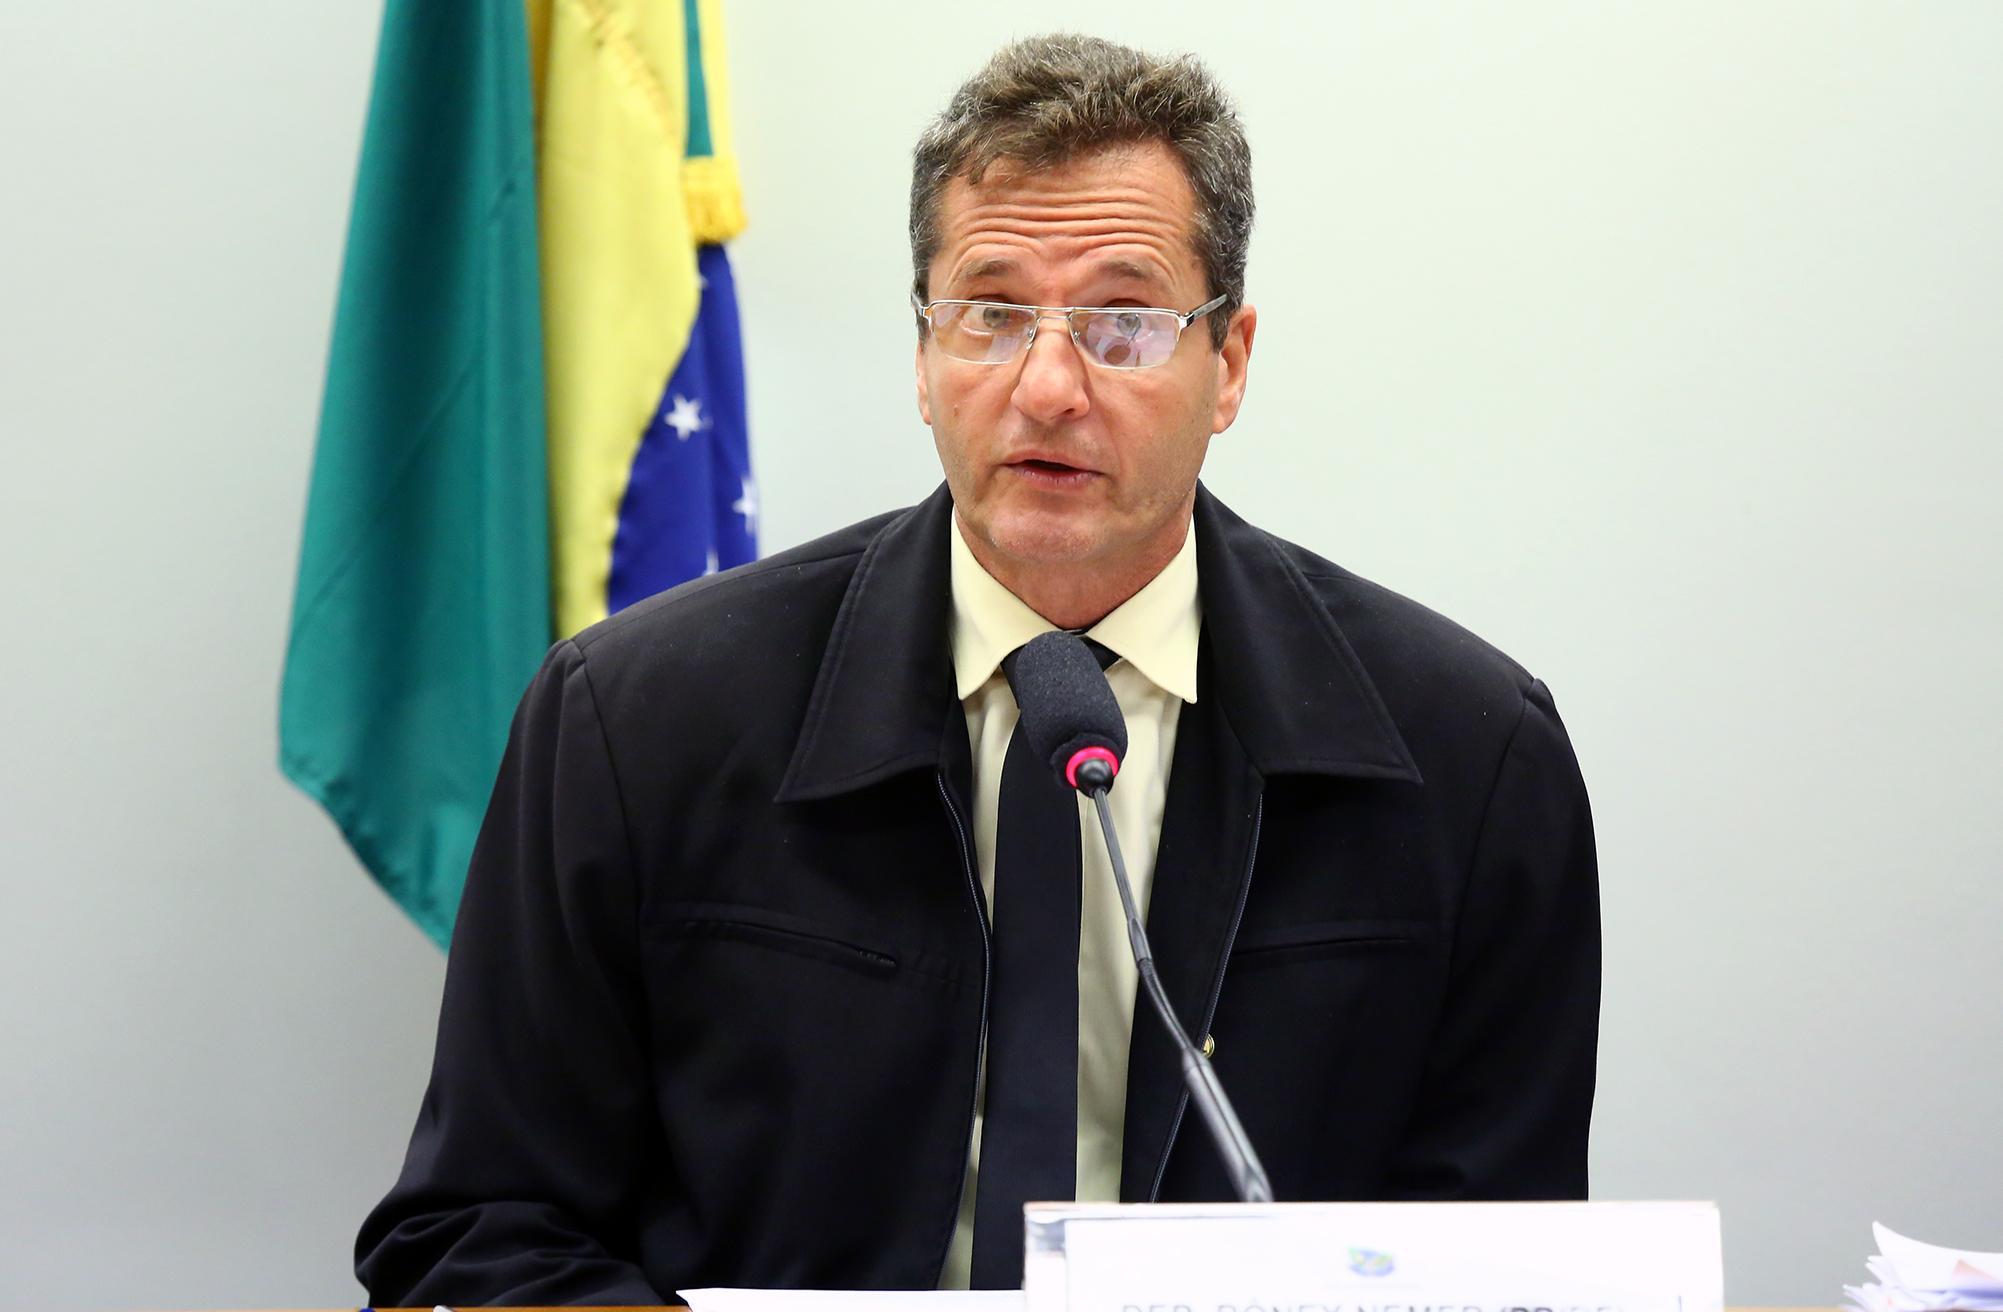 Audiência pública para discussão sobre o cercamento com grades dos prédios residenciais localizados no Cruzeiro Novo-DF. Dep. Rôney Nemer (PP - DF)